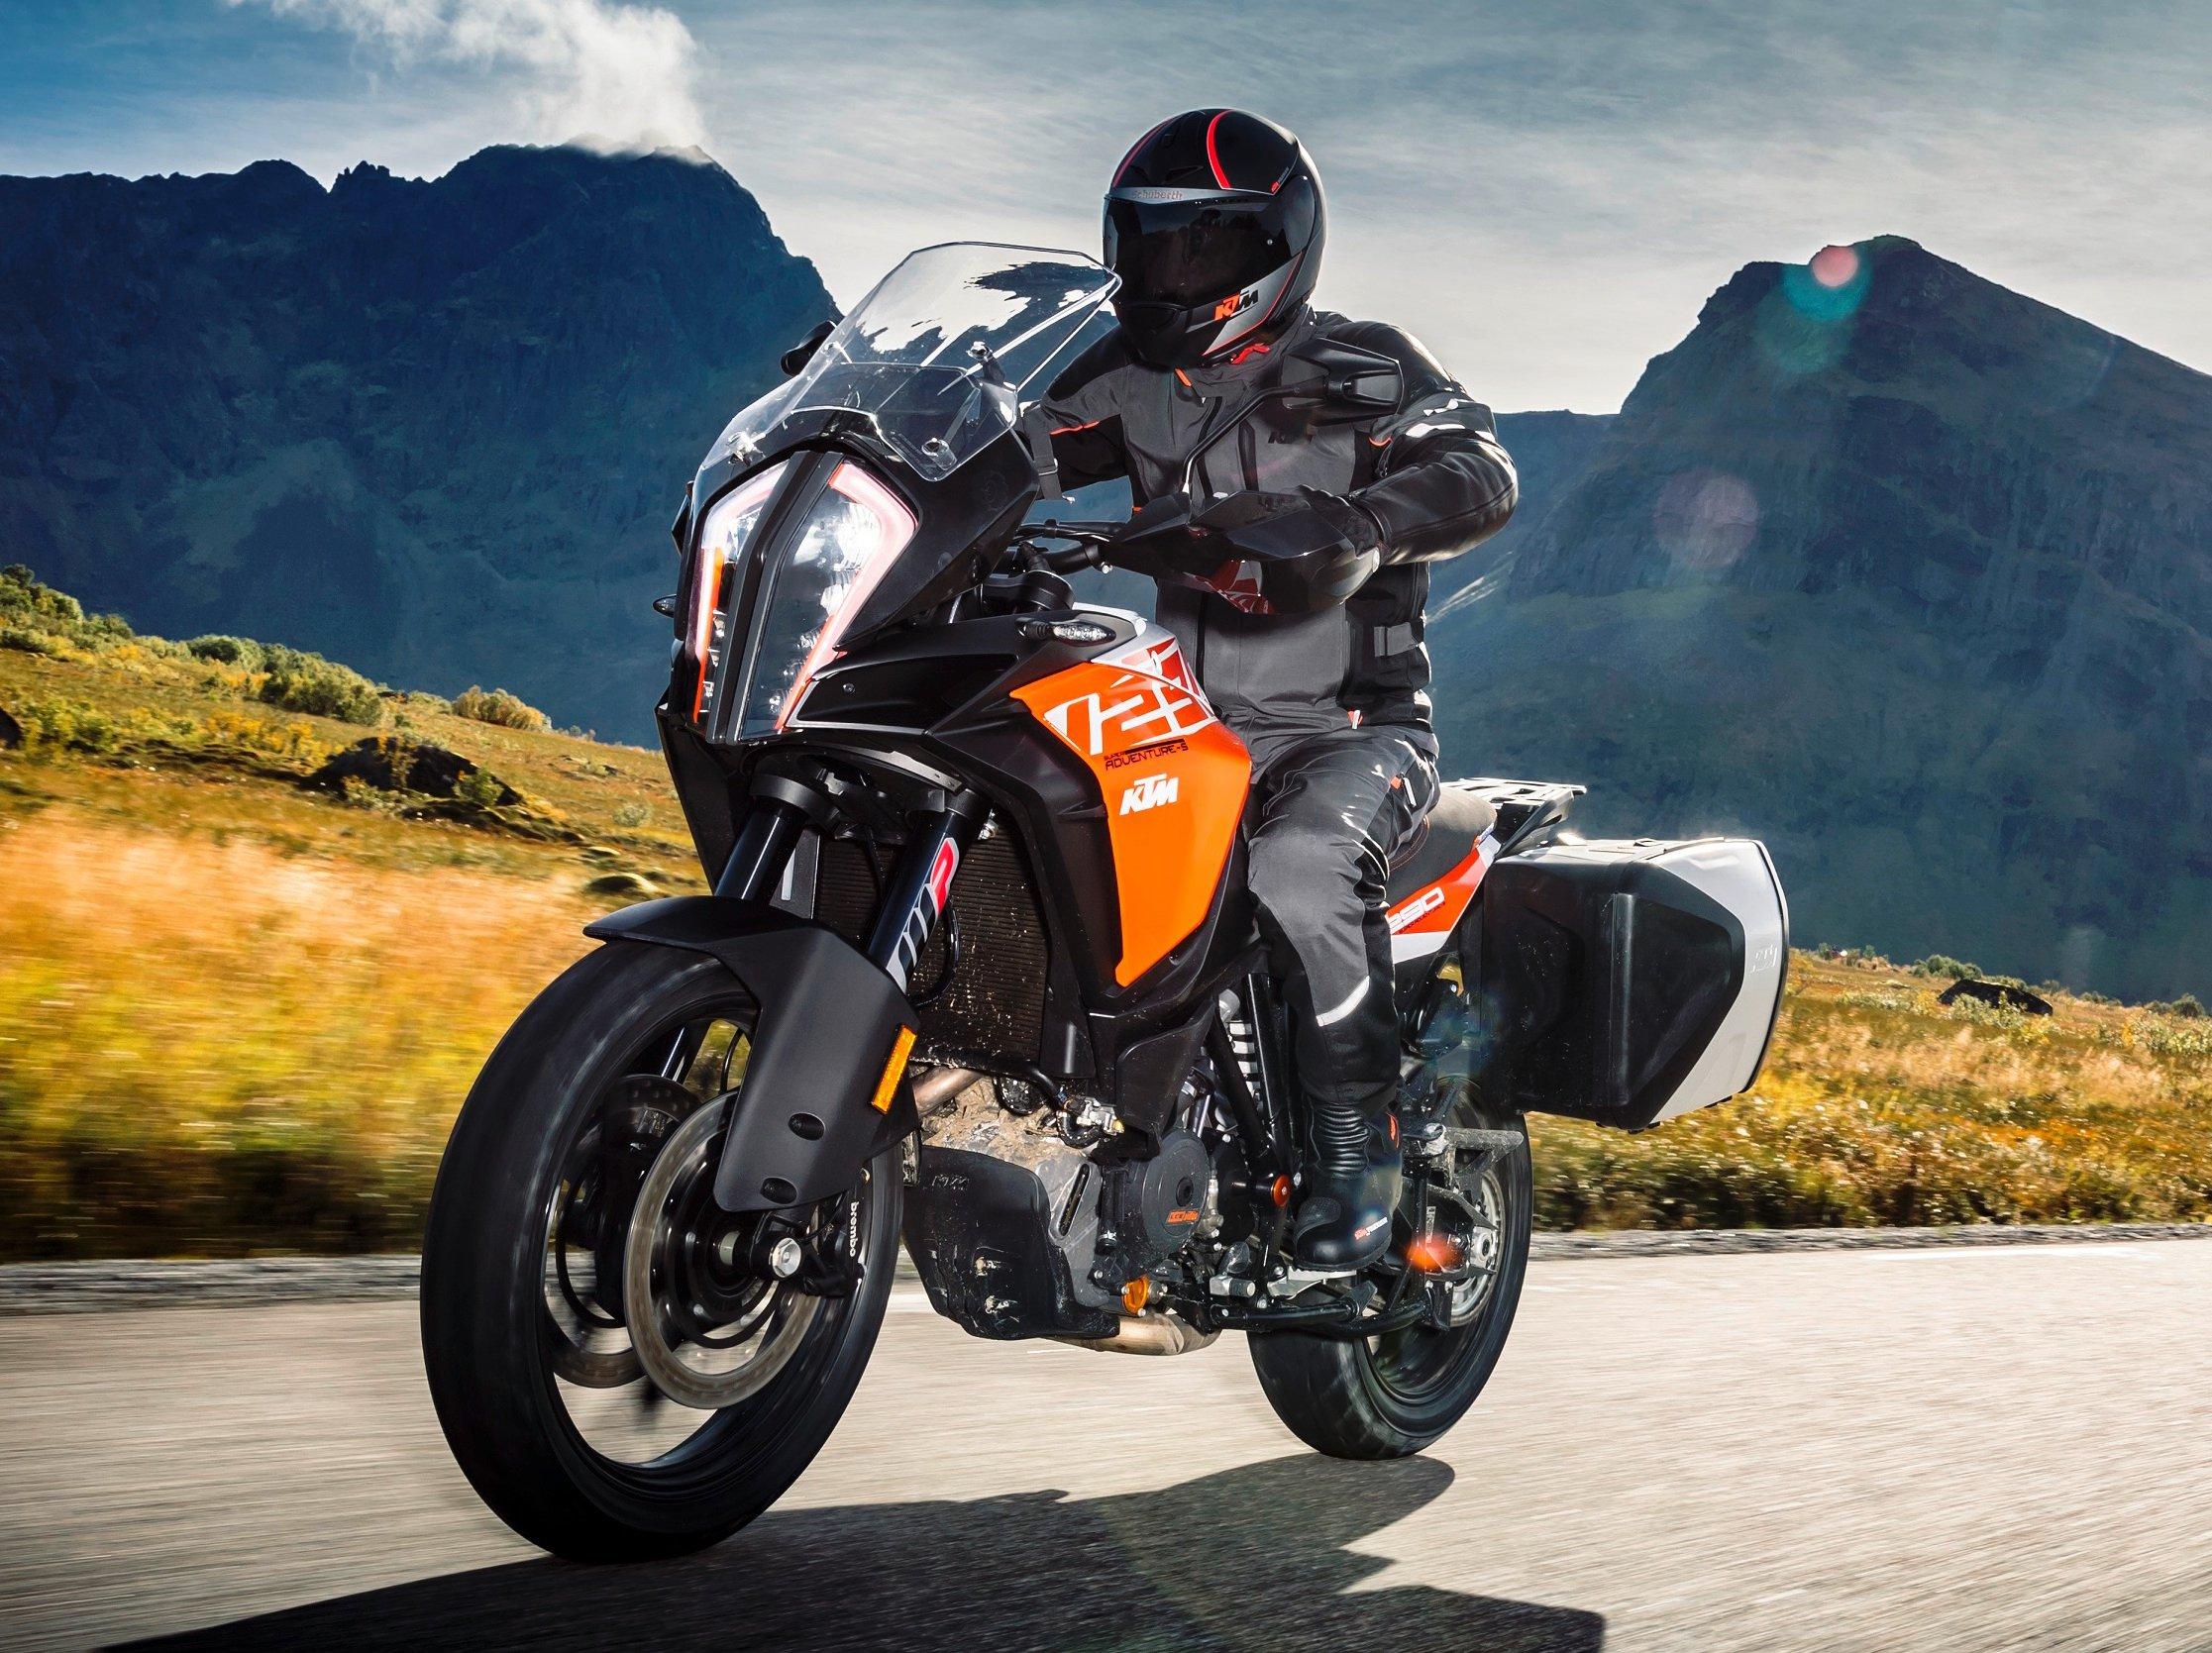 2017 Ktm Adventure Motorcycle Range Revamped New 1090